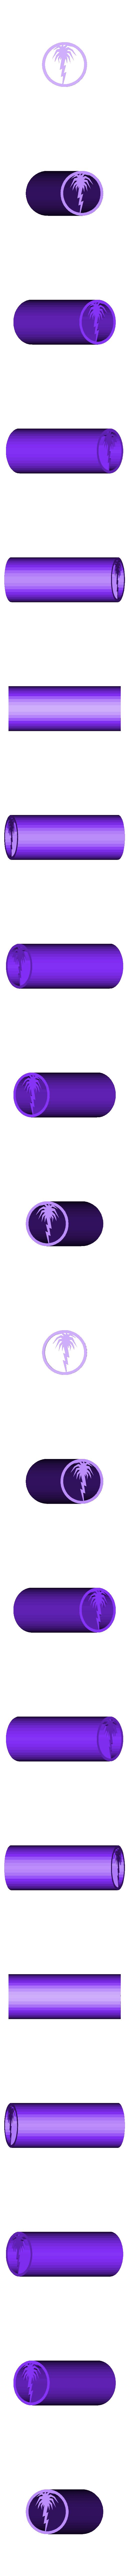 spring break.STL Télécharger fichier STL 36 CONSEILS SUR LES FILTRES À MAUVAISES HERBES VOL.1+2+3+4 • Design pour impression 3D, SnakeCreations